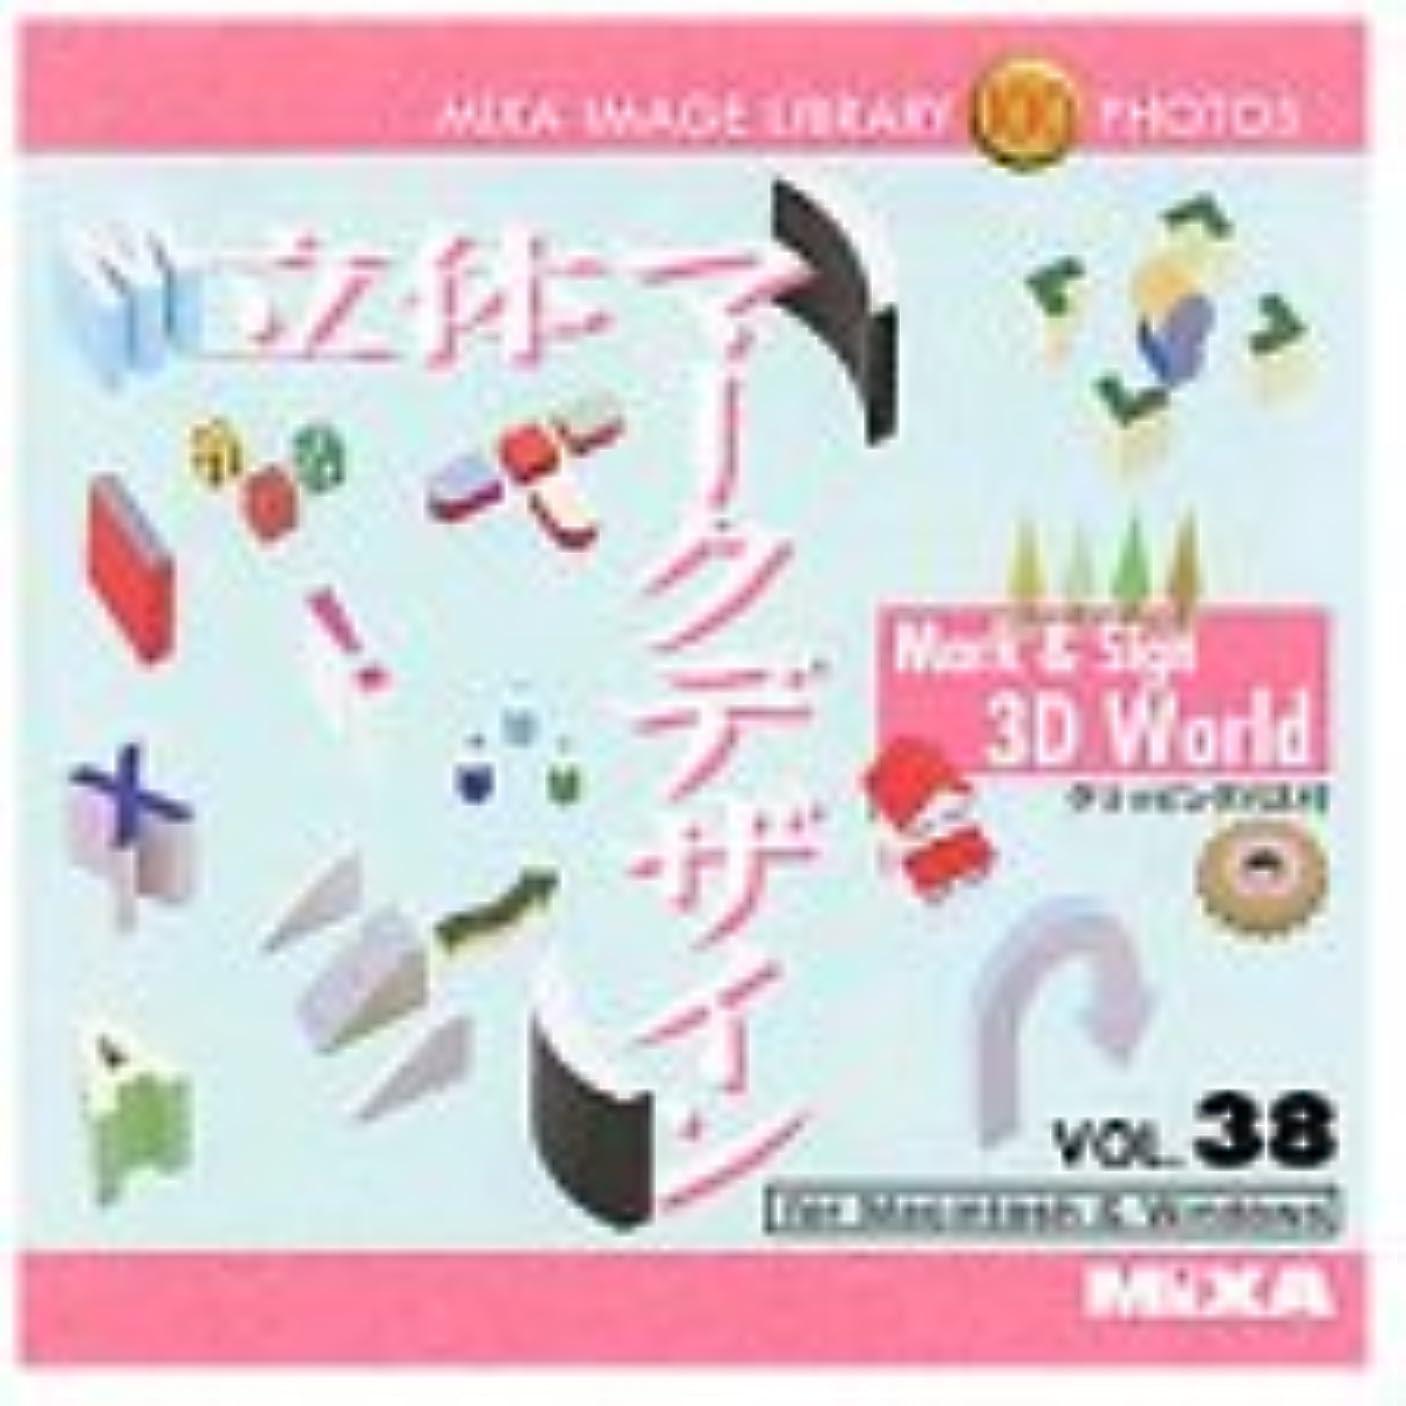 今ペックジャンルMIXA IMAGE LIBRARY Vol.38 立体マークデザイン